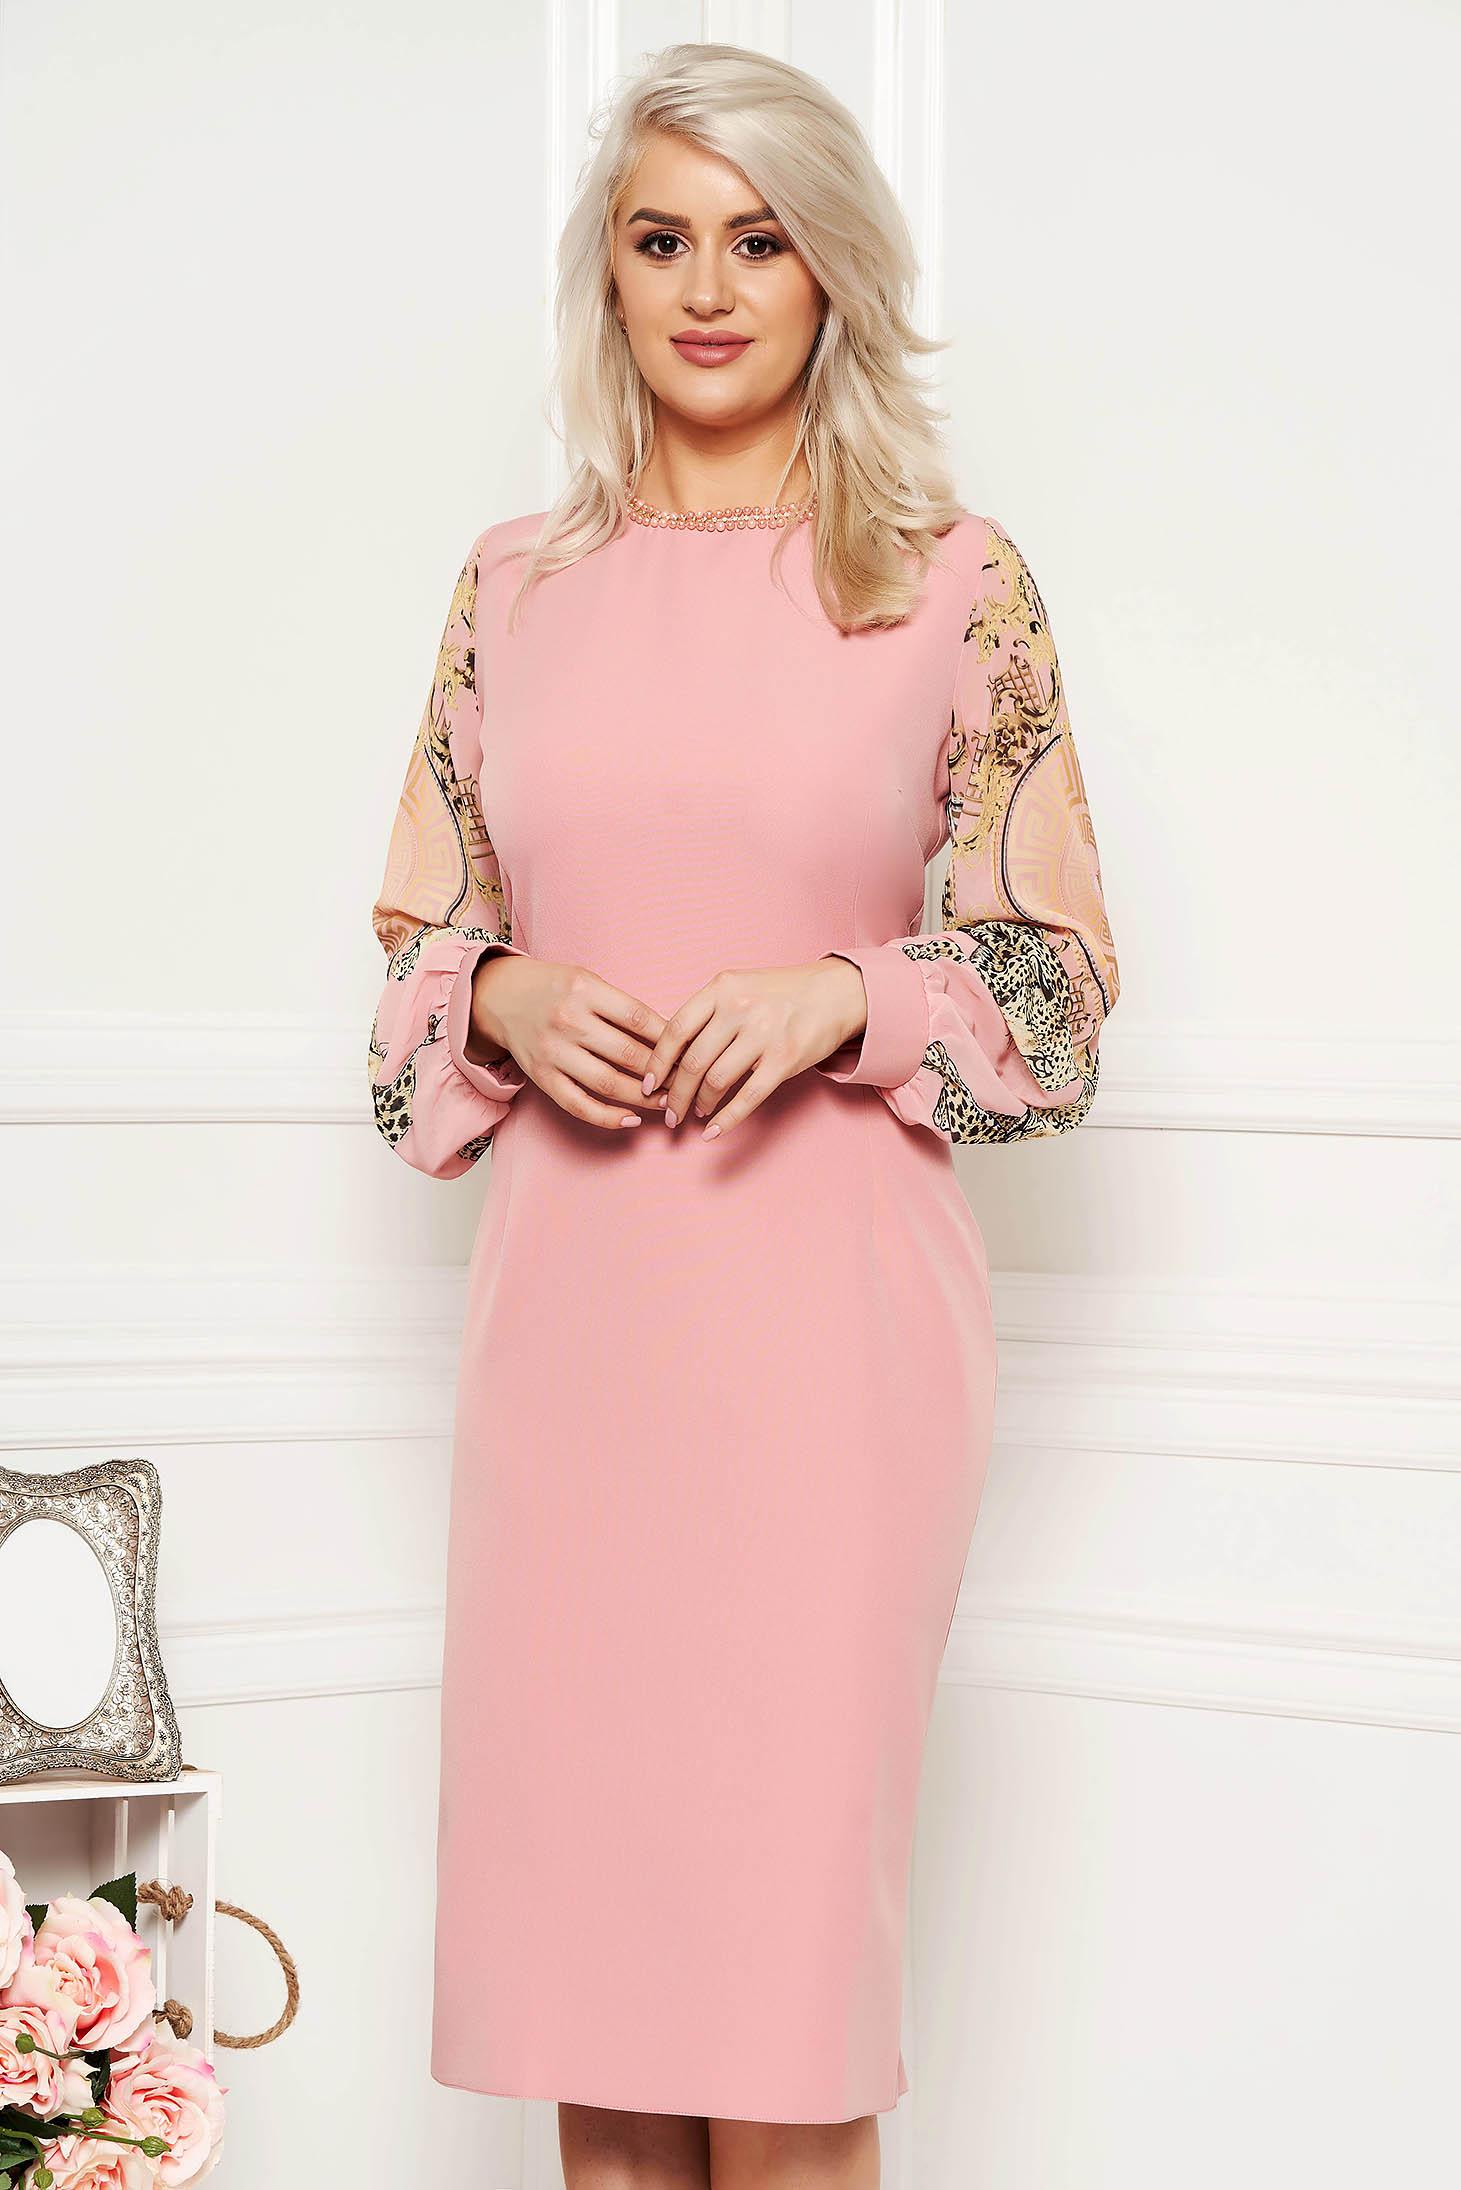 d51627118c Rózsaszínű alkalmi ruha szűk szabással gyöngyös díszítéssel átlátszó  ujjakkal